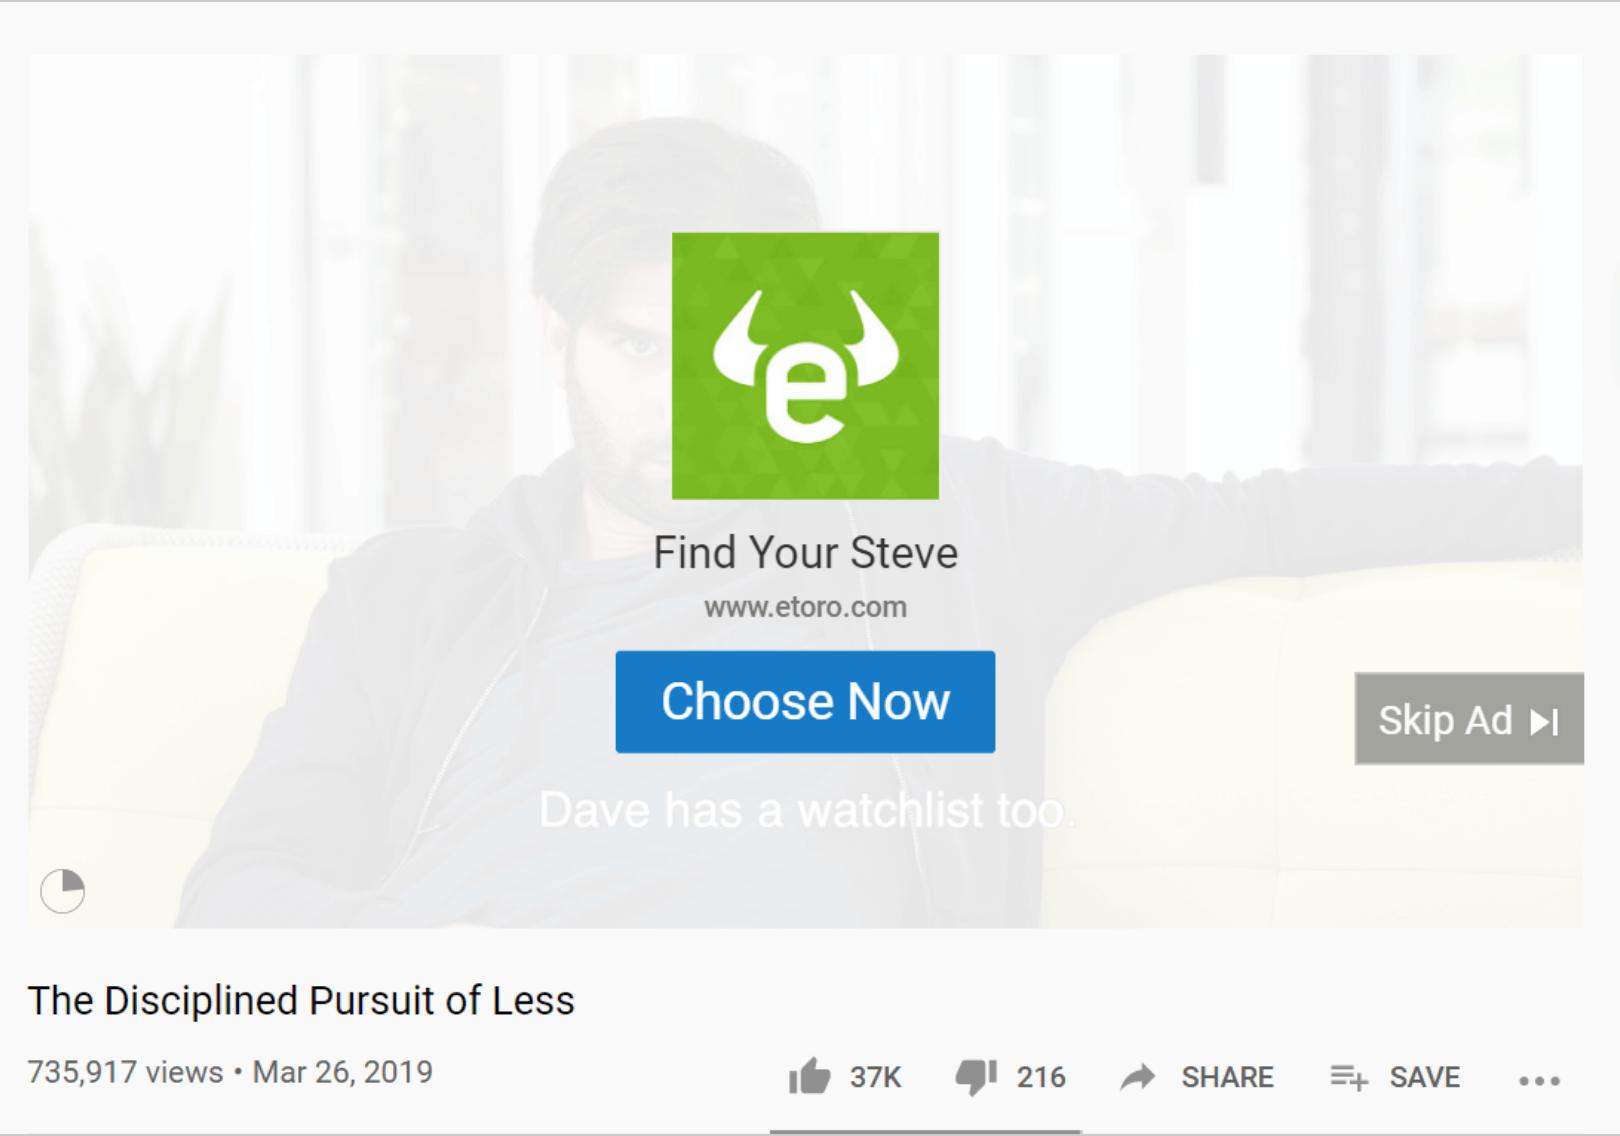 Etoro Facebook Video Ad